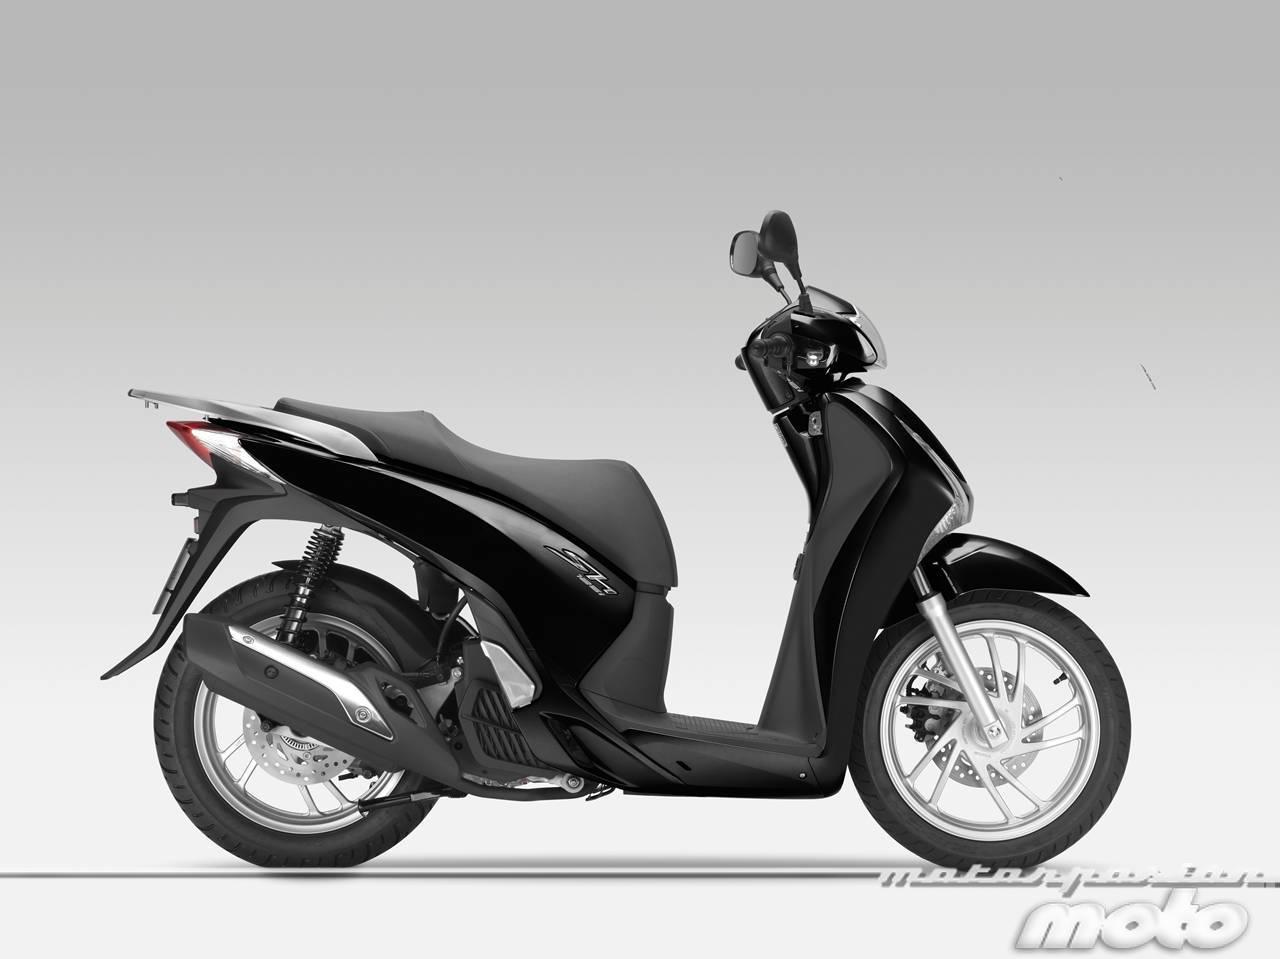 Foto de Honda Scoopy SH125i 2013, prueba (valoración, galería y ficha técnica)  - Fotos Detalles (42/81)